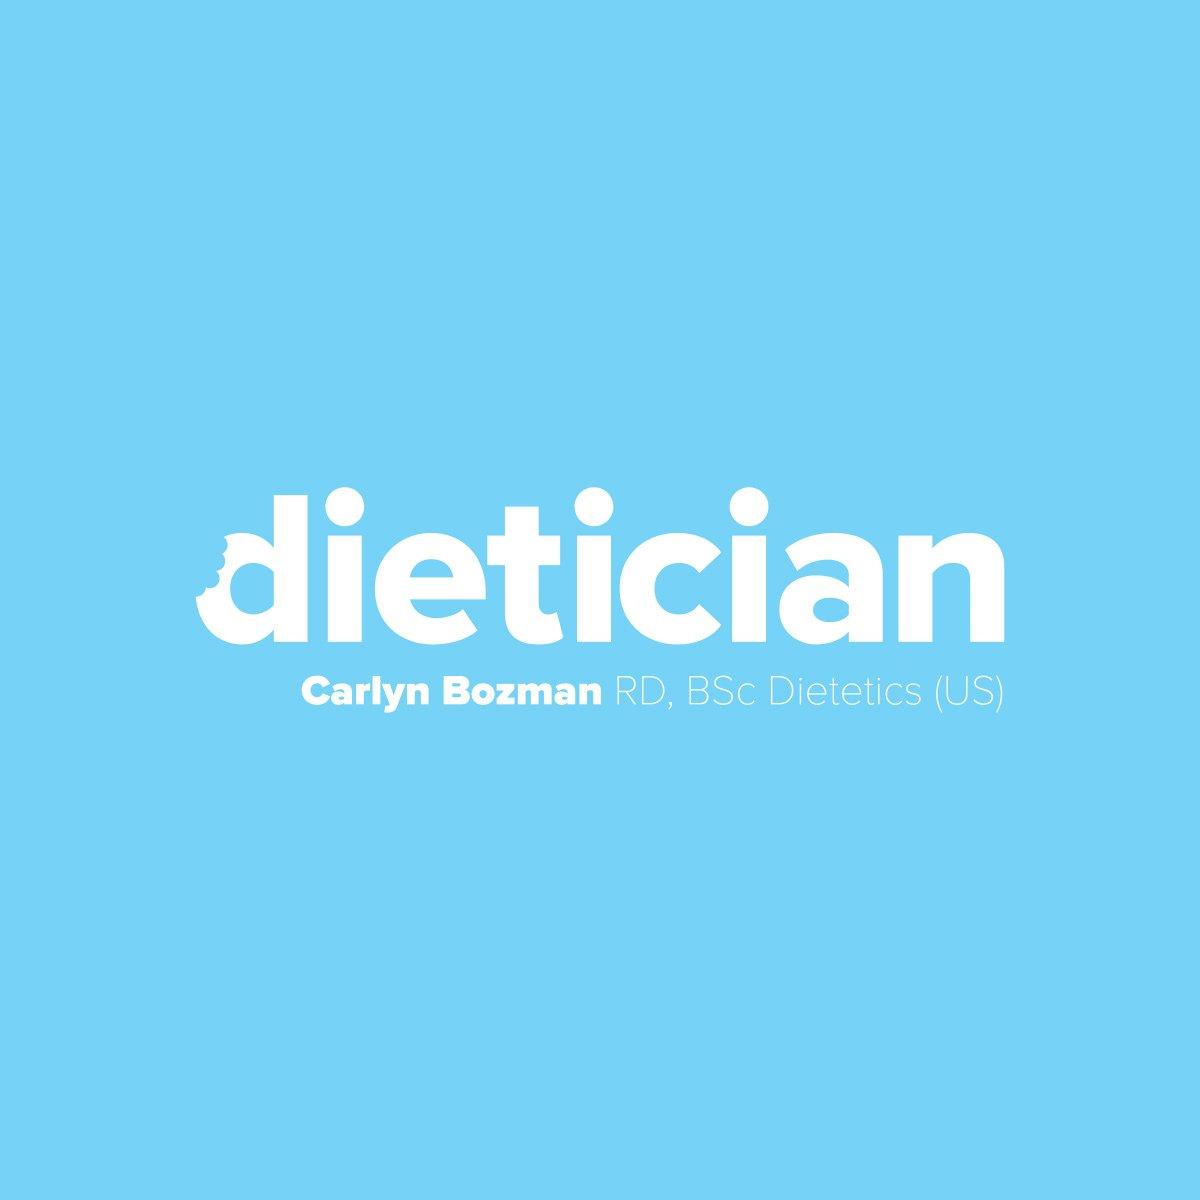 Dietician Logo